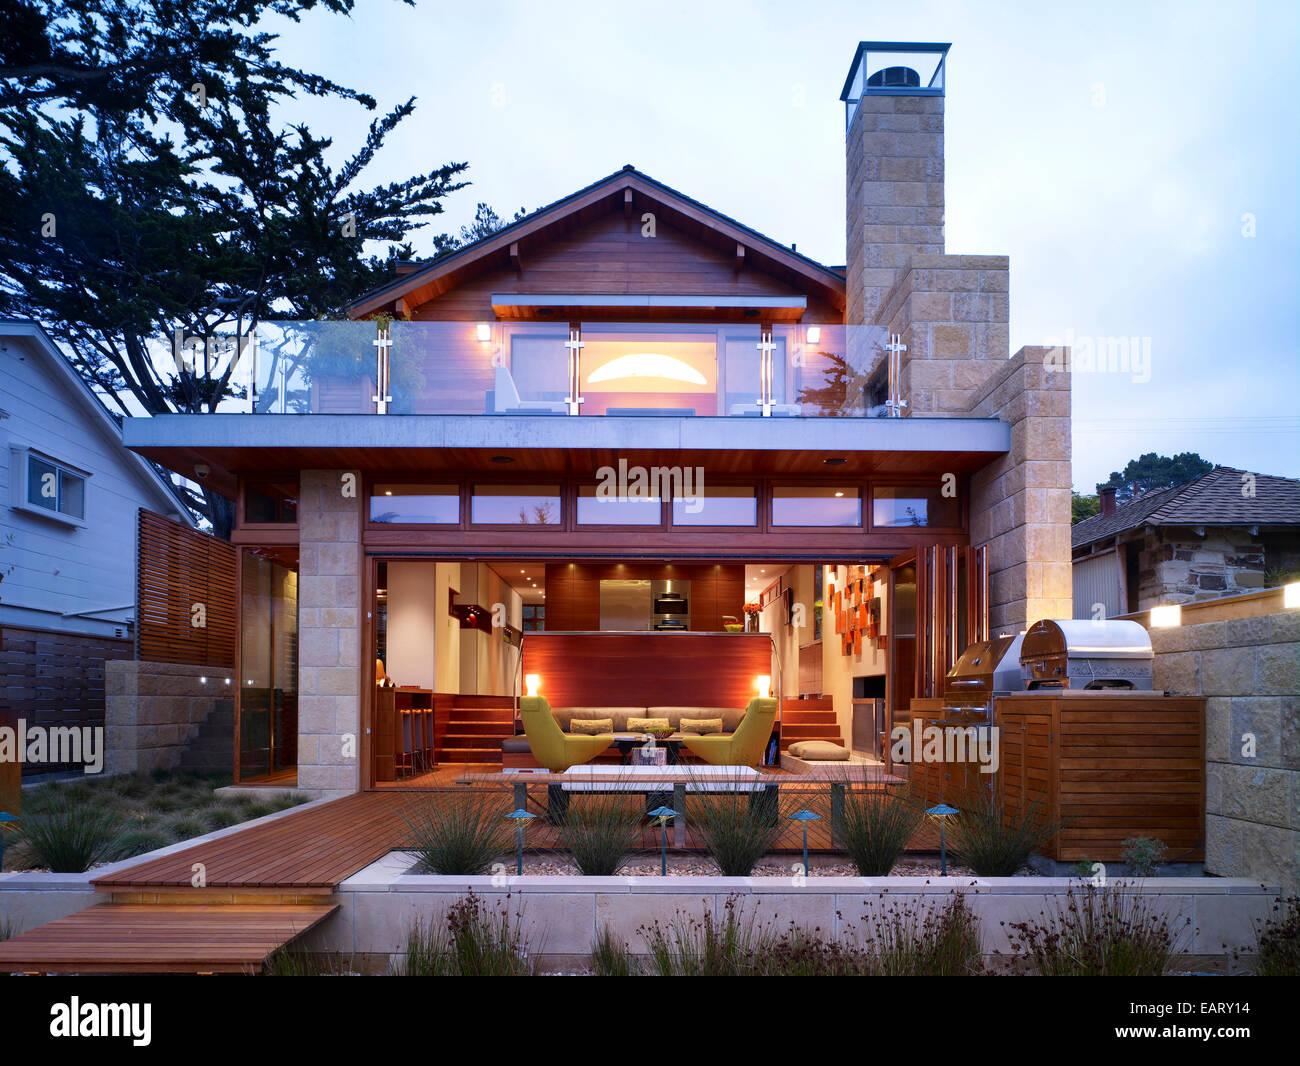 La Parte Trasera De La Casa Moderna Con Una Terraza Jardín